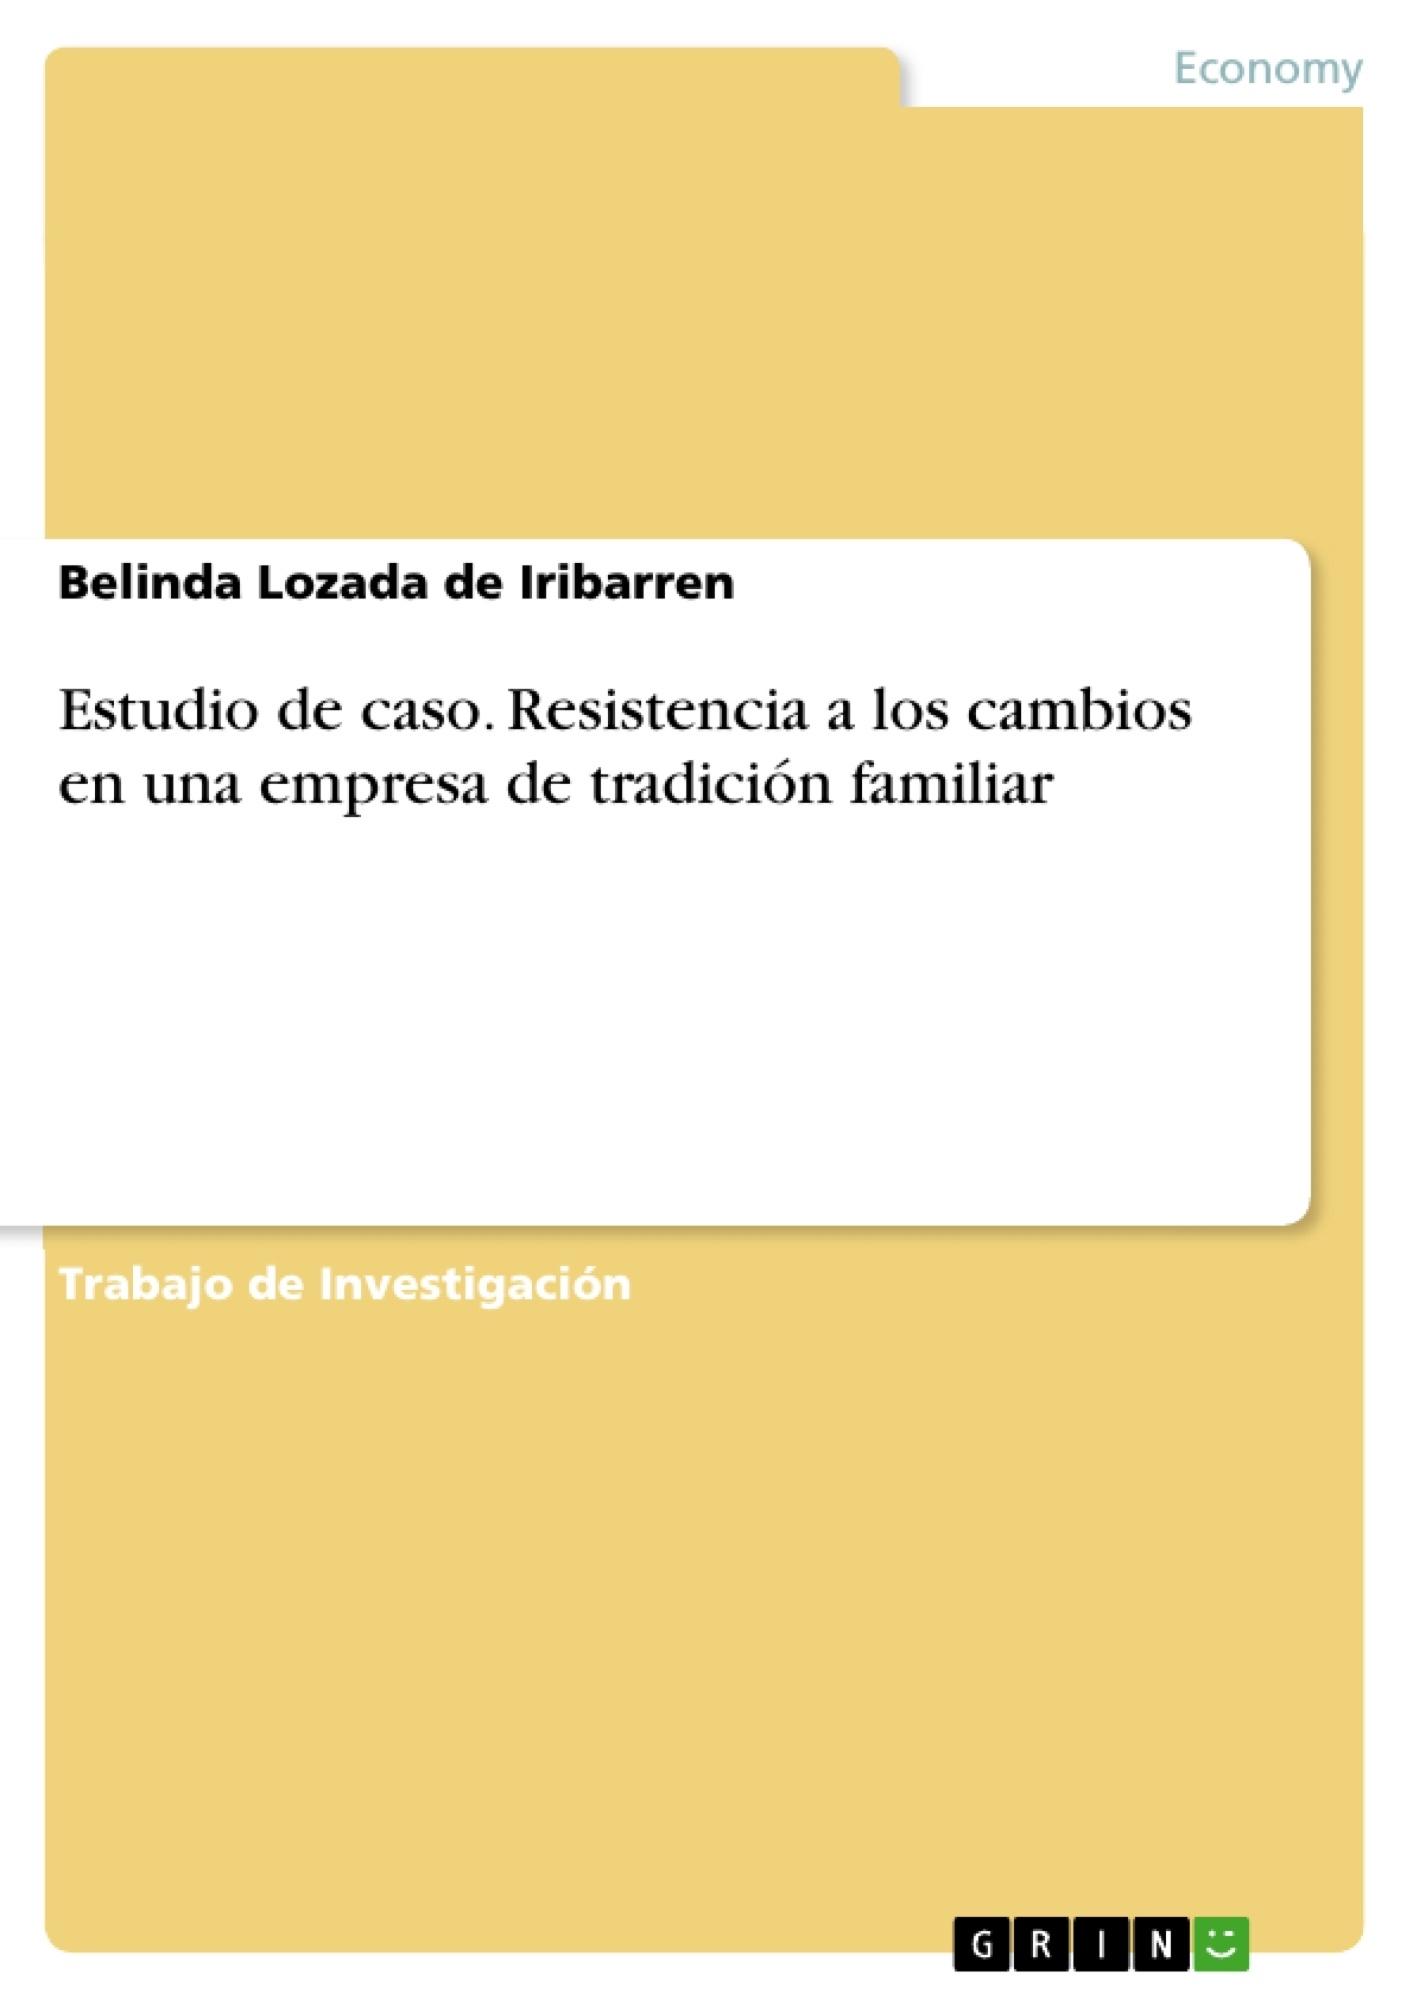 Título: Estudio de caso. Resistencia a los cambios en una empresa de tradición familiar